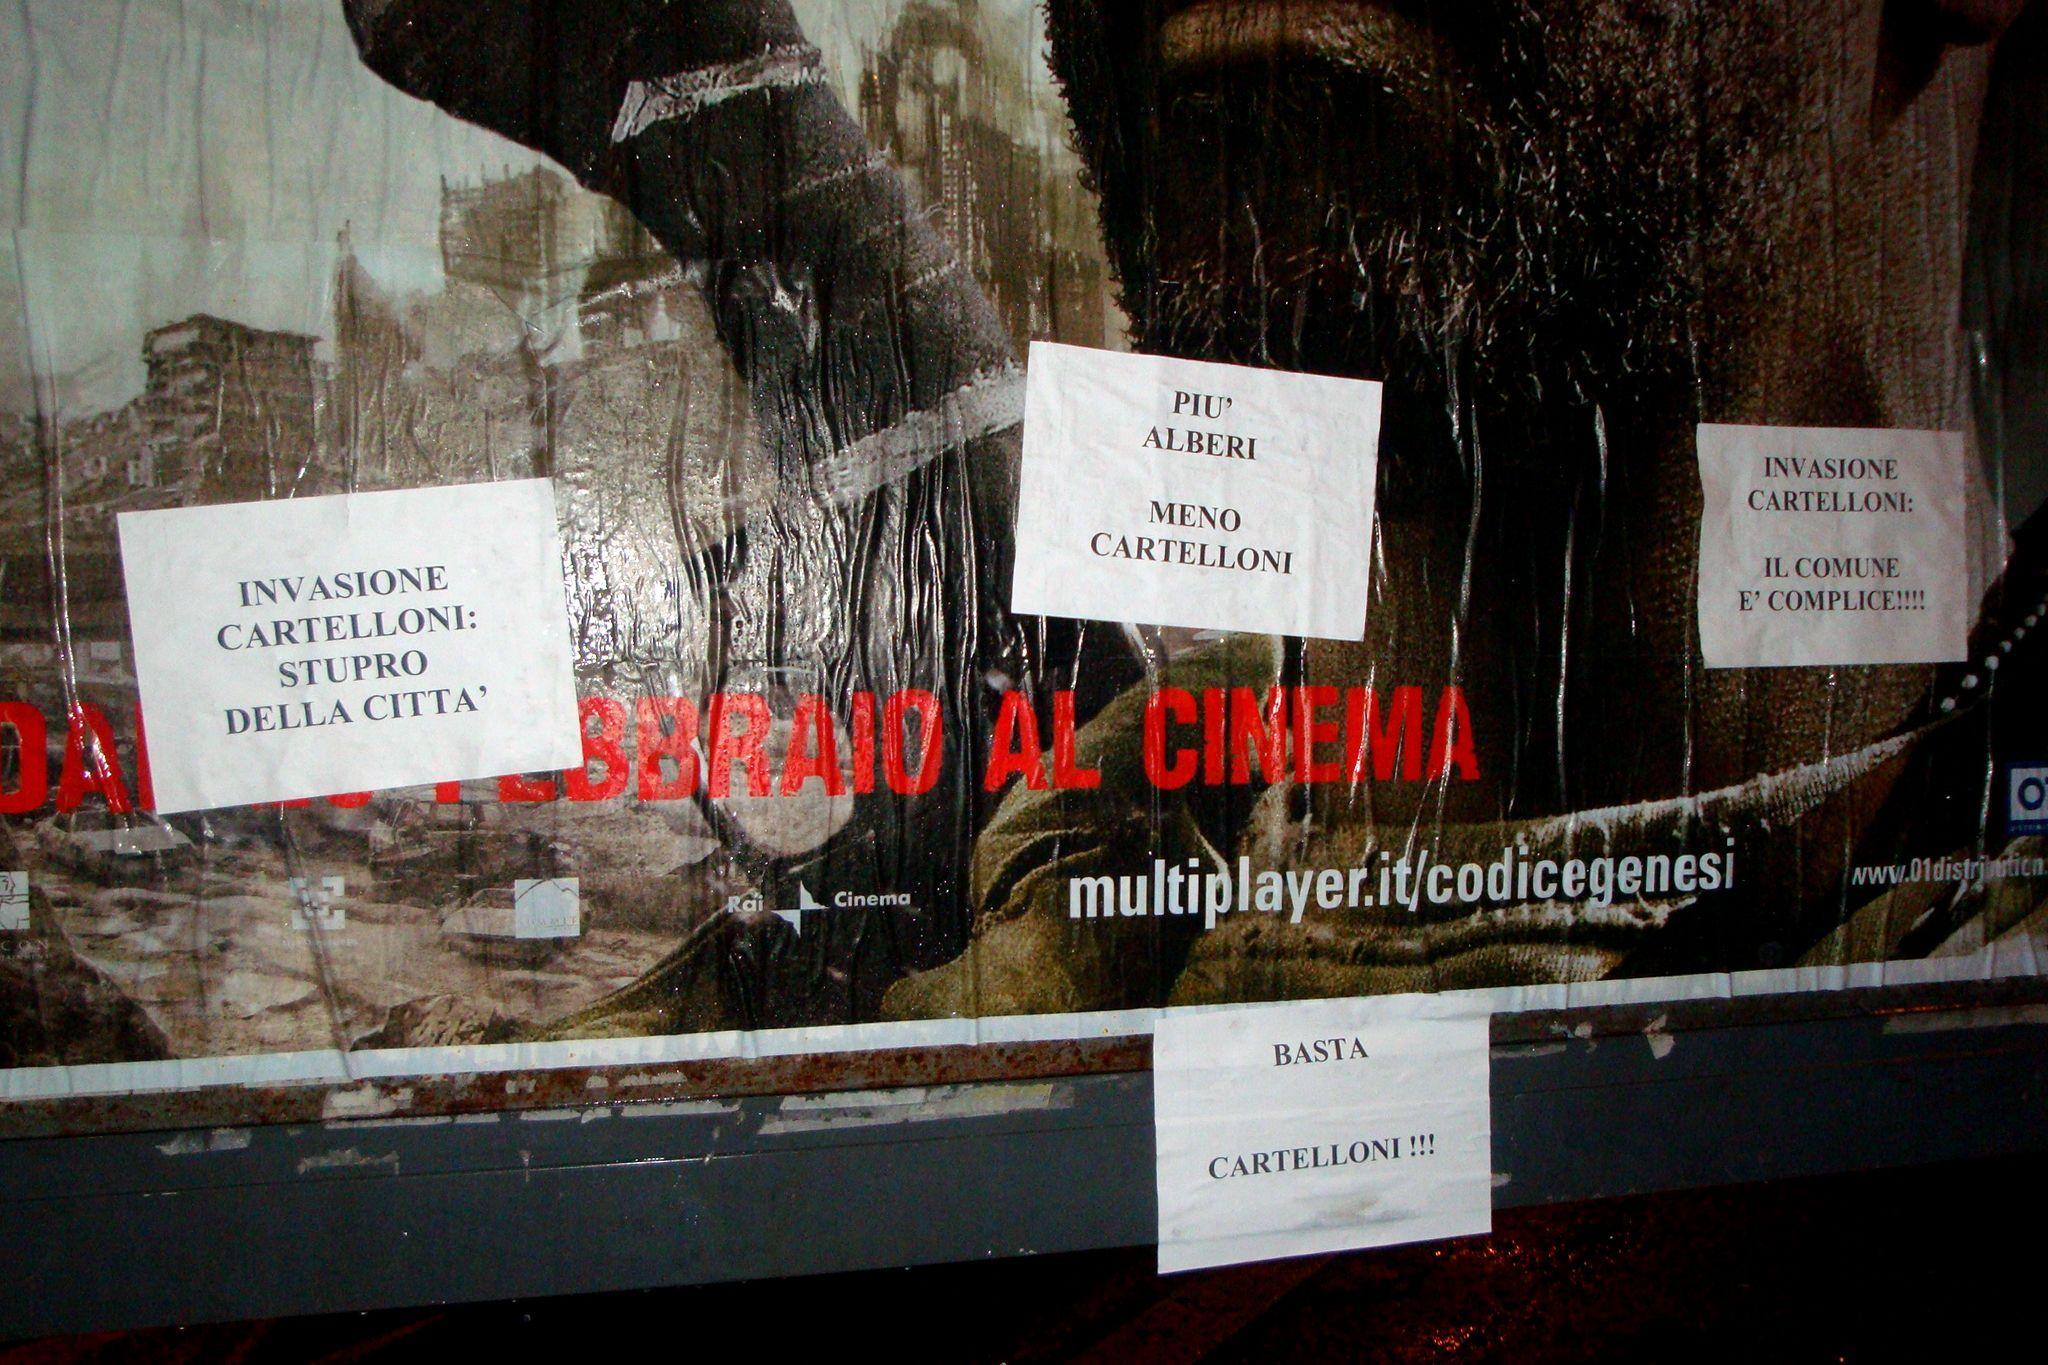 Protesta dei «cittadini stacchini» contro un cartellone abusivo